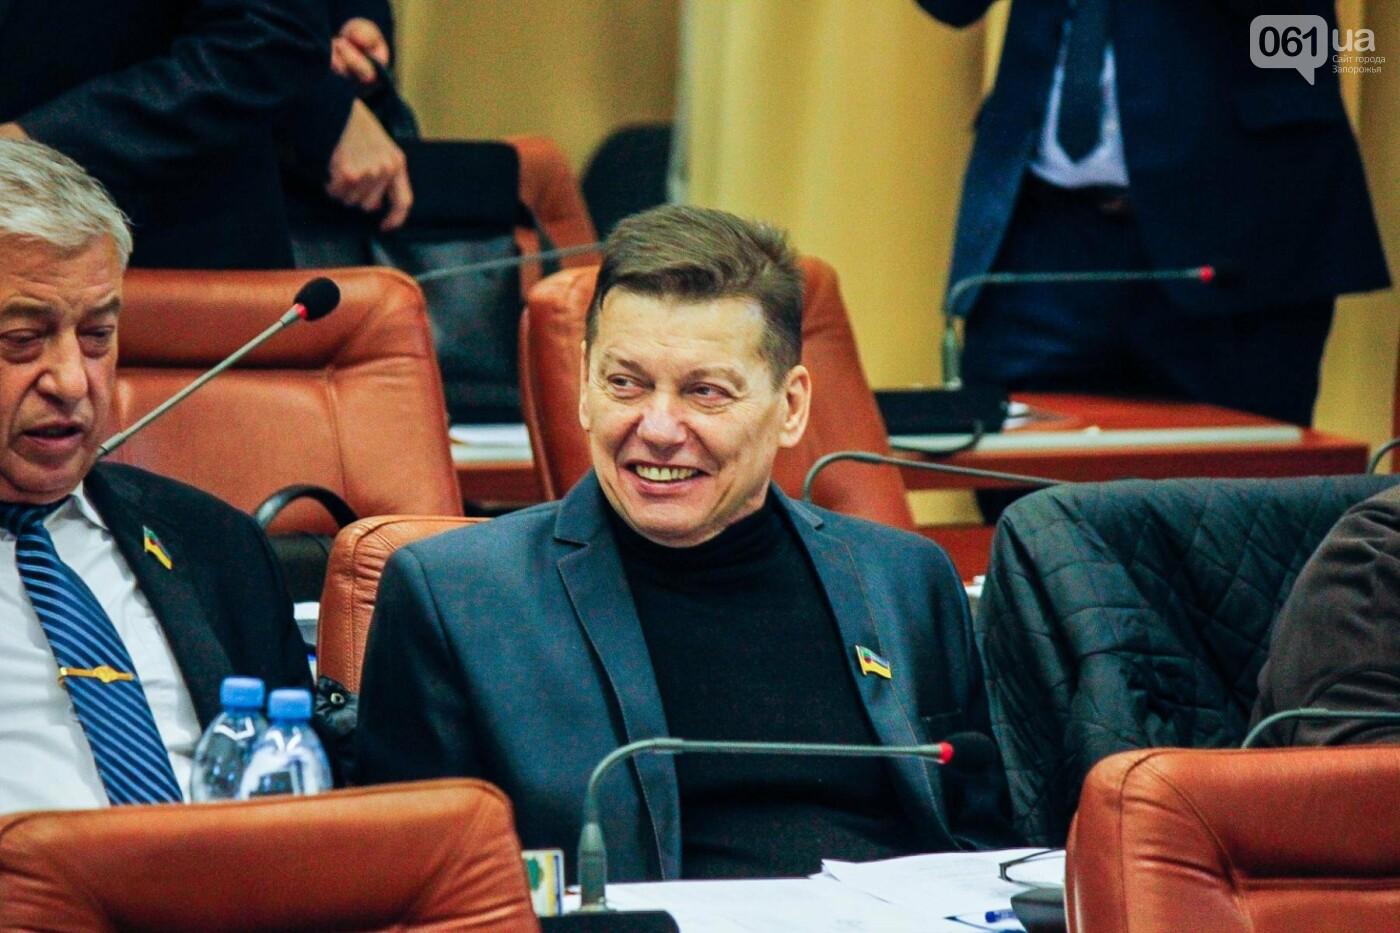 Сессия запорожского горсовета в лицах, - ФОТОРЕПОРТАЖ, фото-54